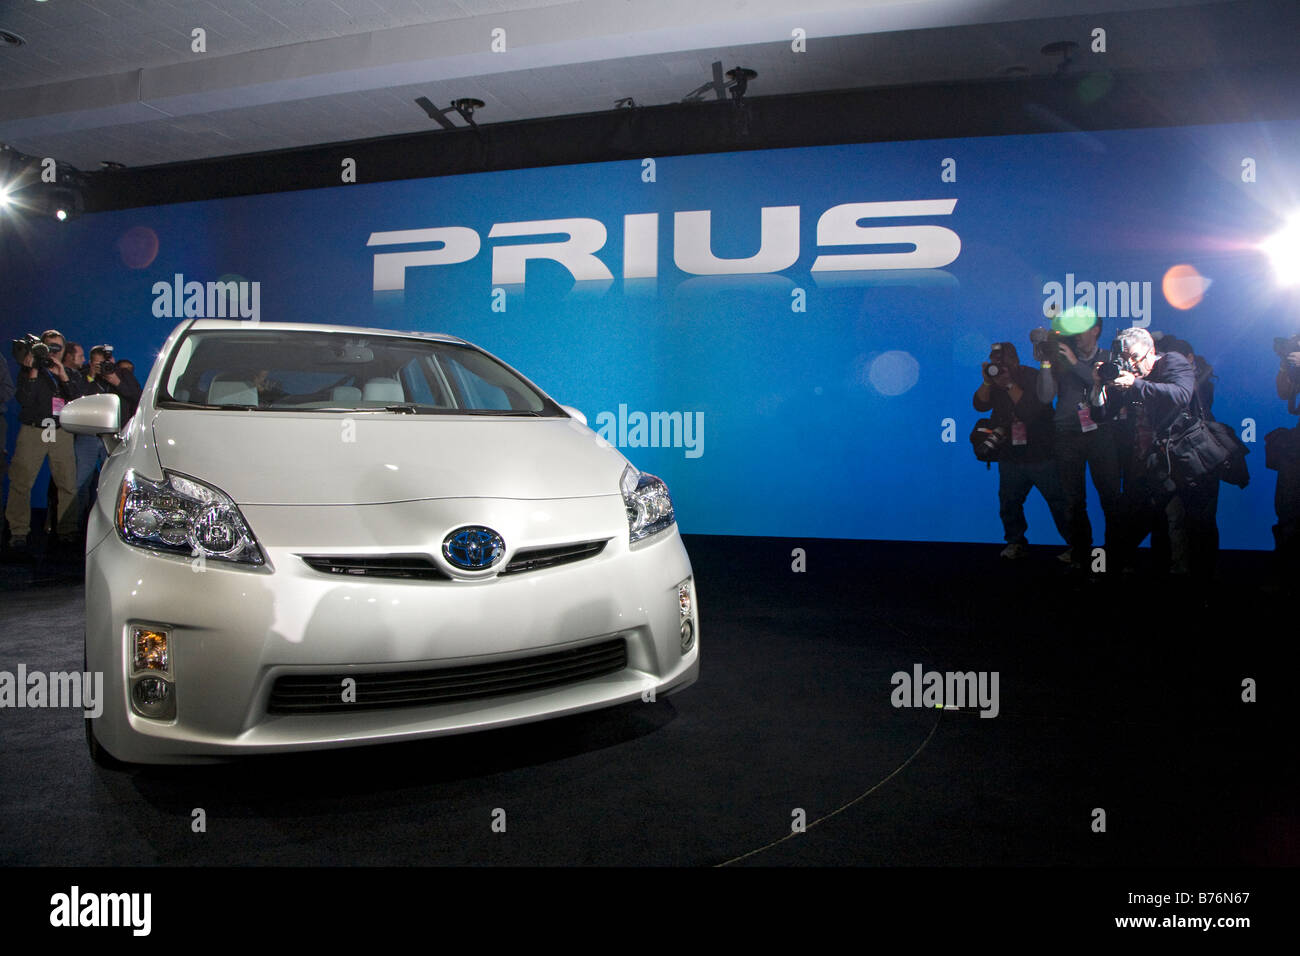 Toyota Prius - Stock Image